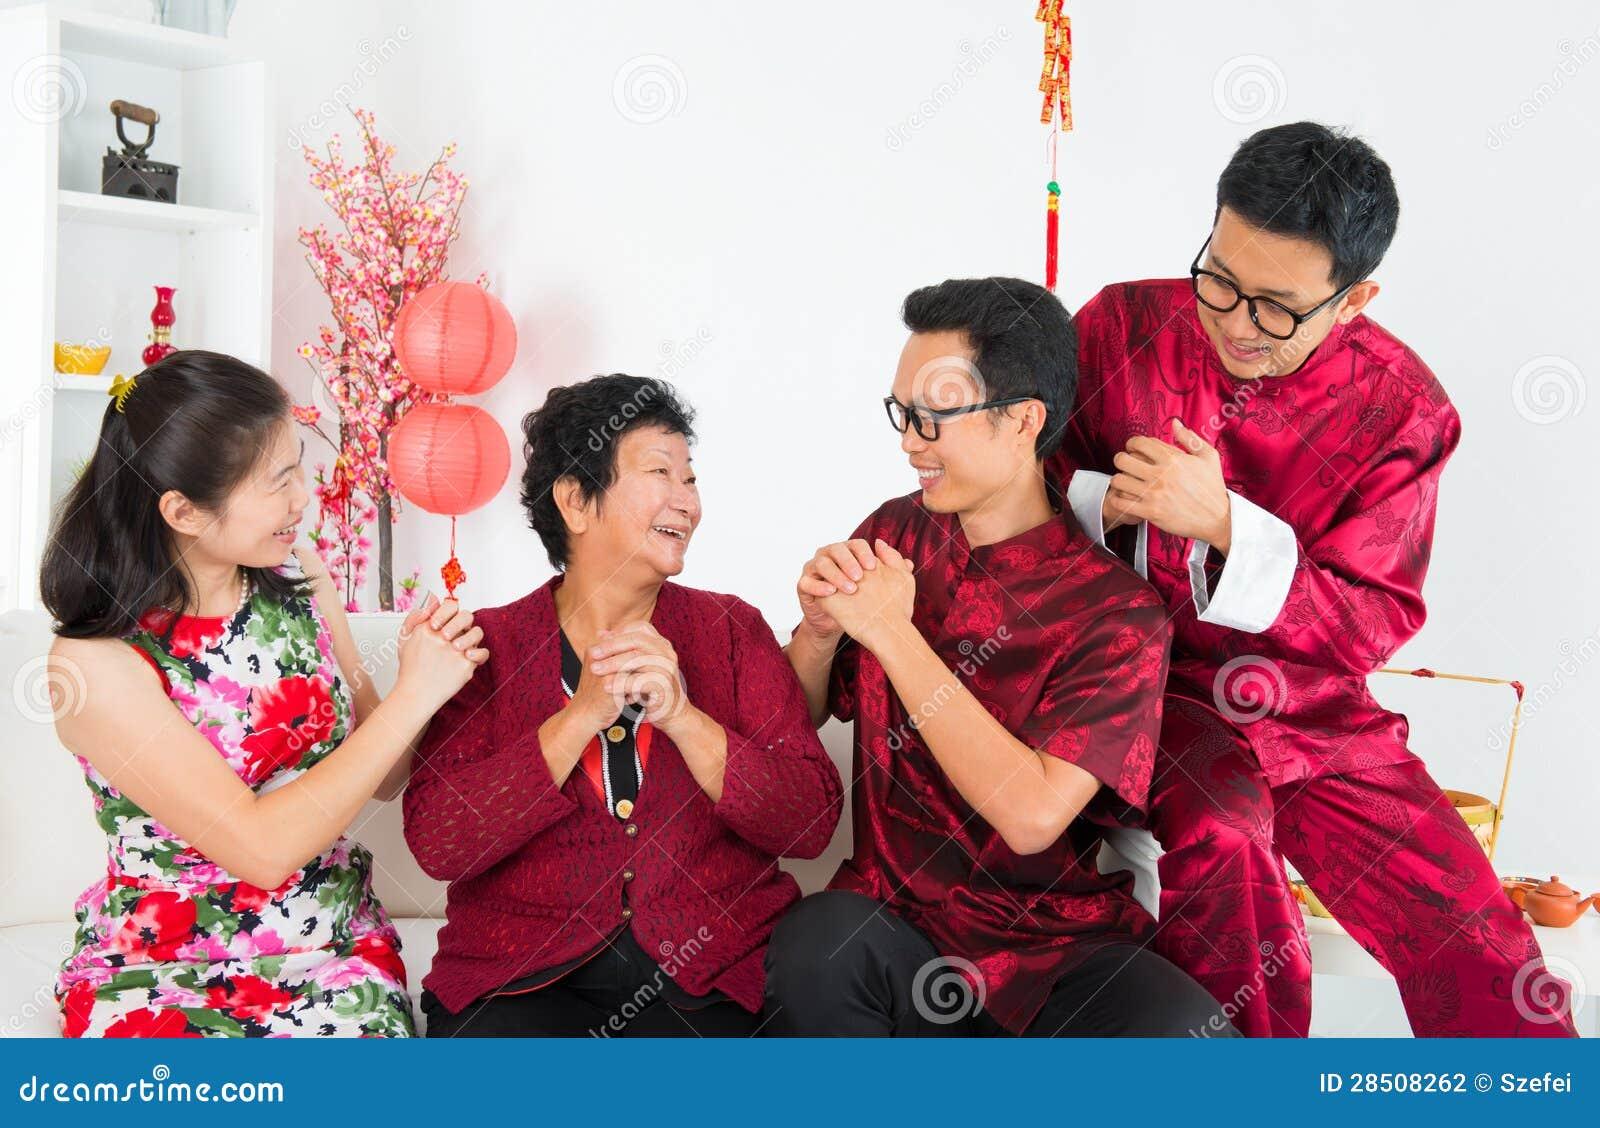 Szczęśliwy Azjatycki zjazd rodzinny